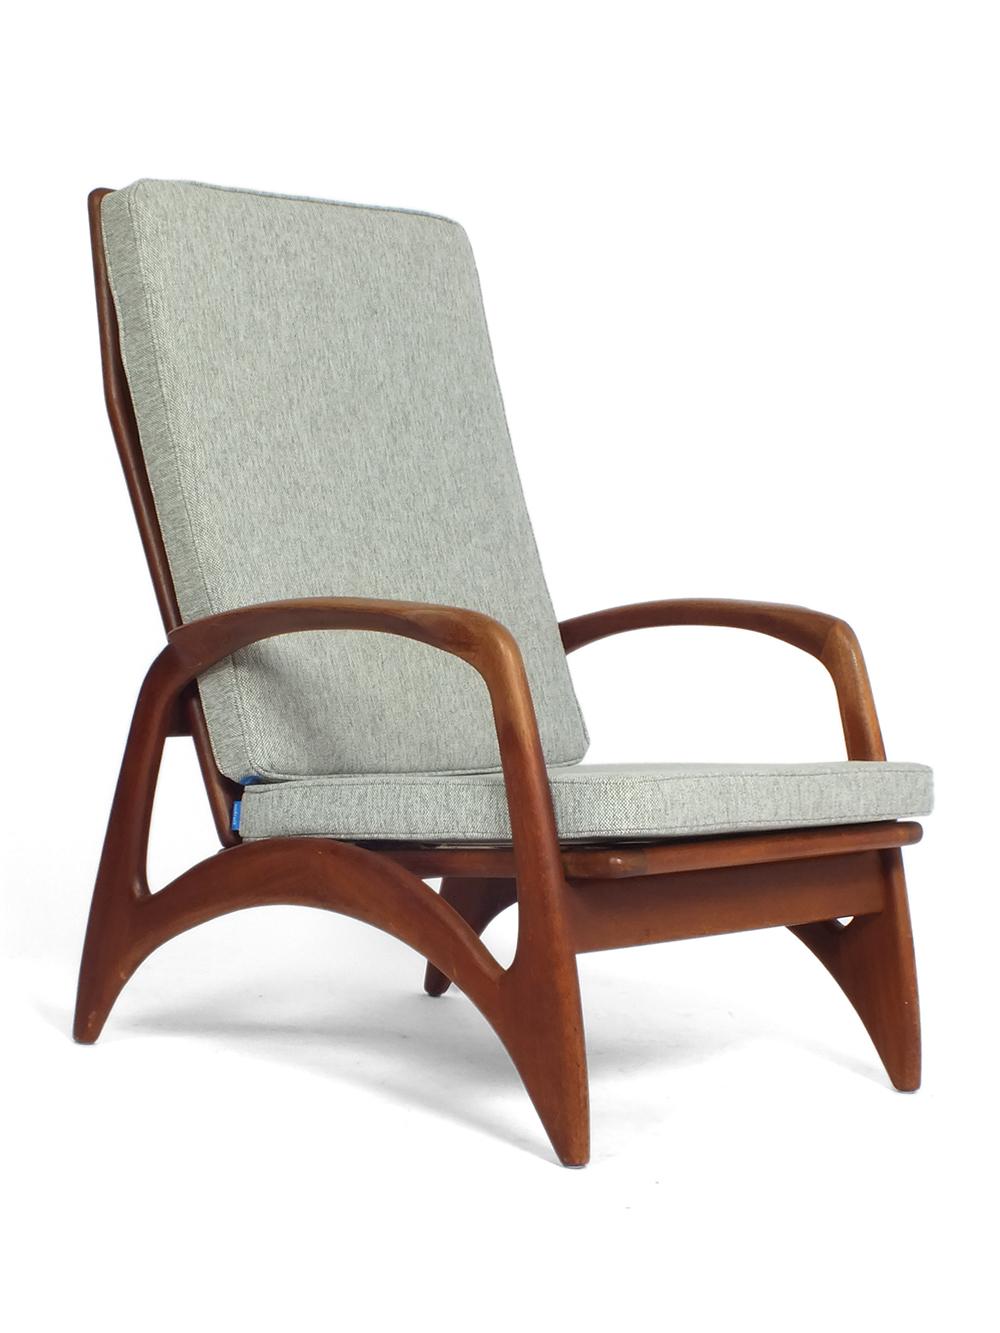 Lounge Stoel Met Kussen.De Ster Gelderland Teak Wooden Lounge Chair Vaen